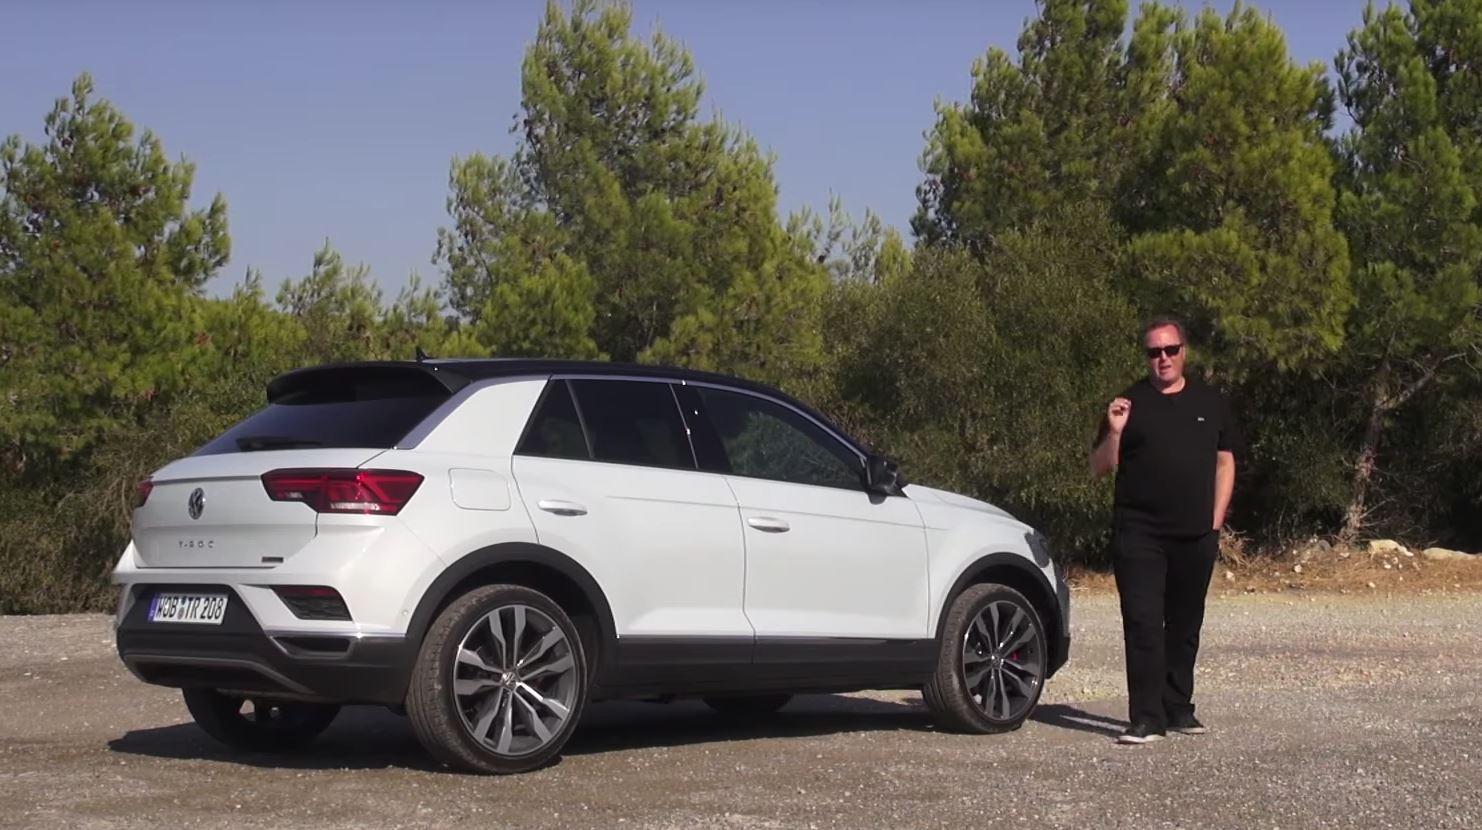 roc volkswagen sport conclusions tsi impressions surprisingly agile driving autoevolution